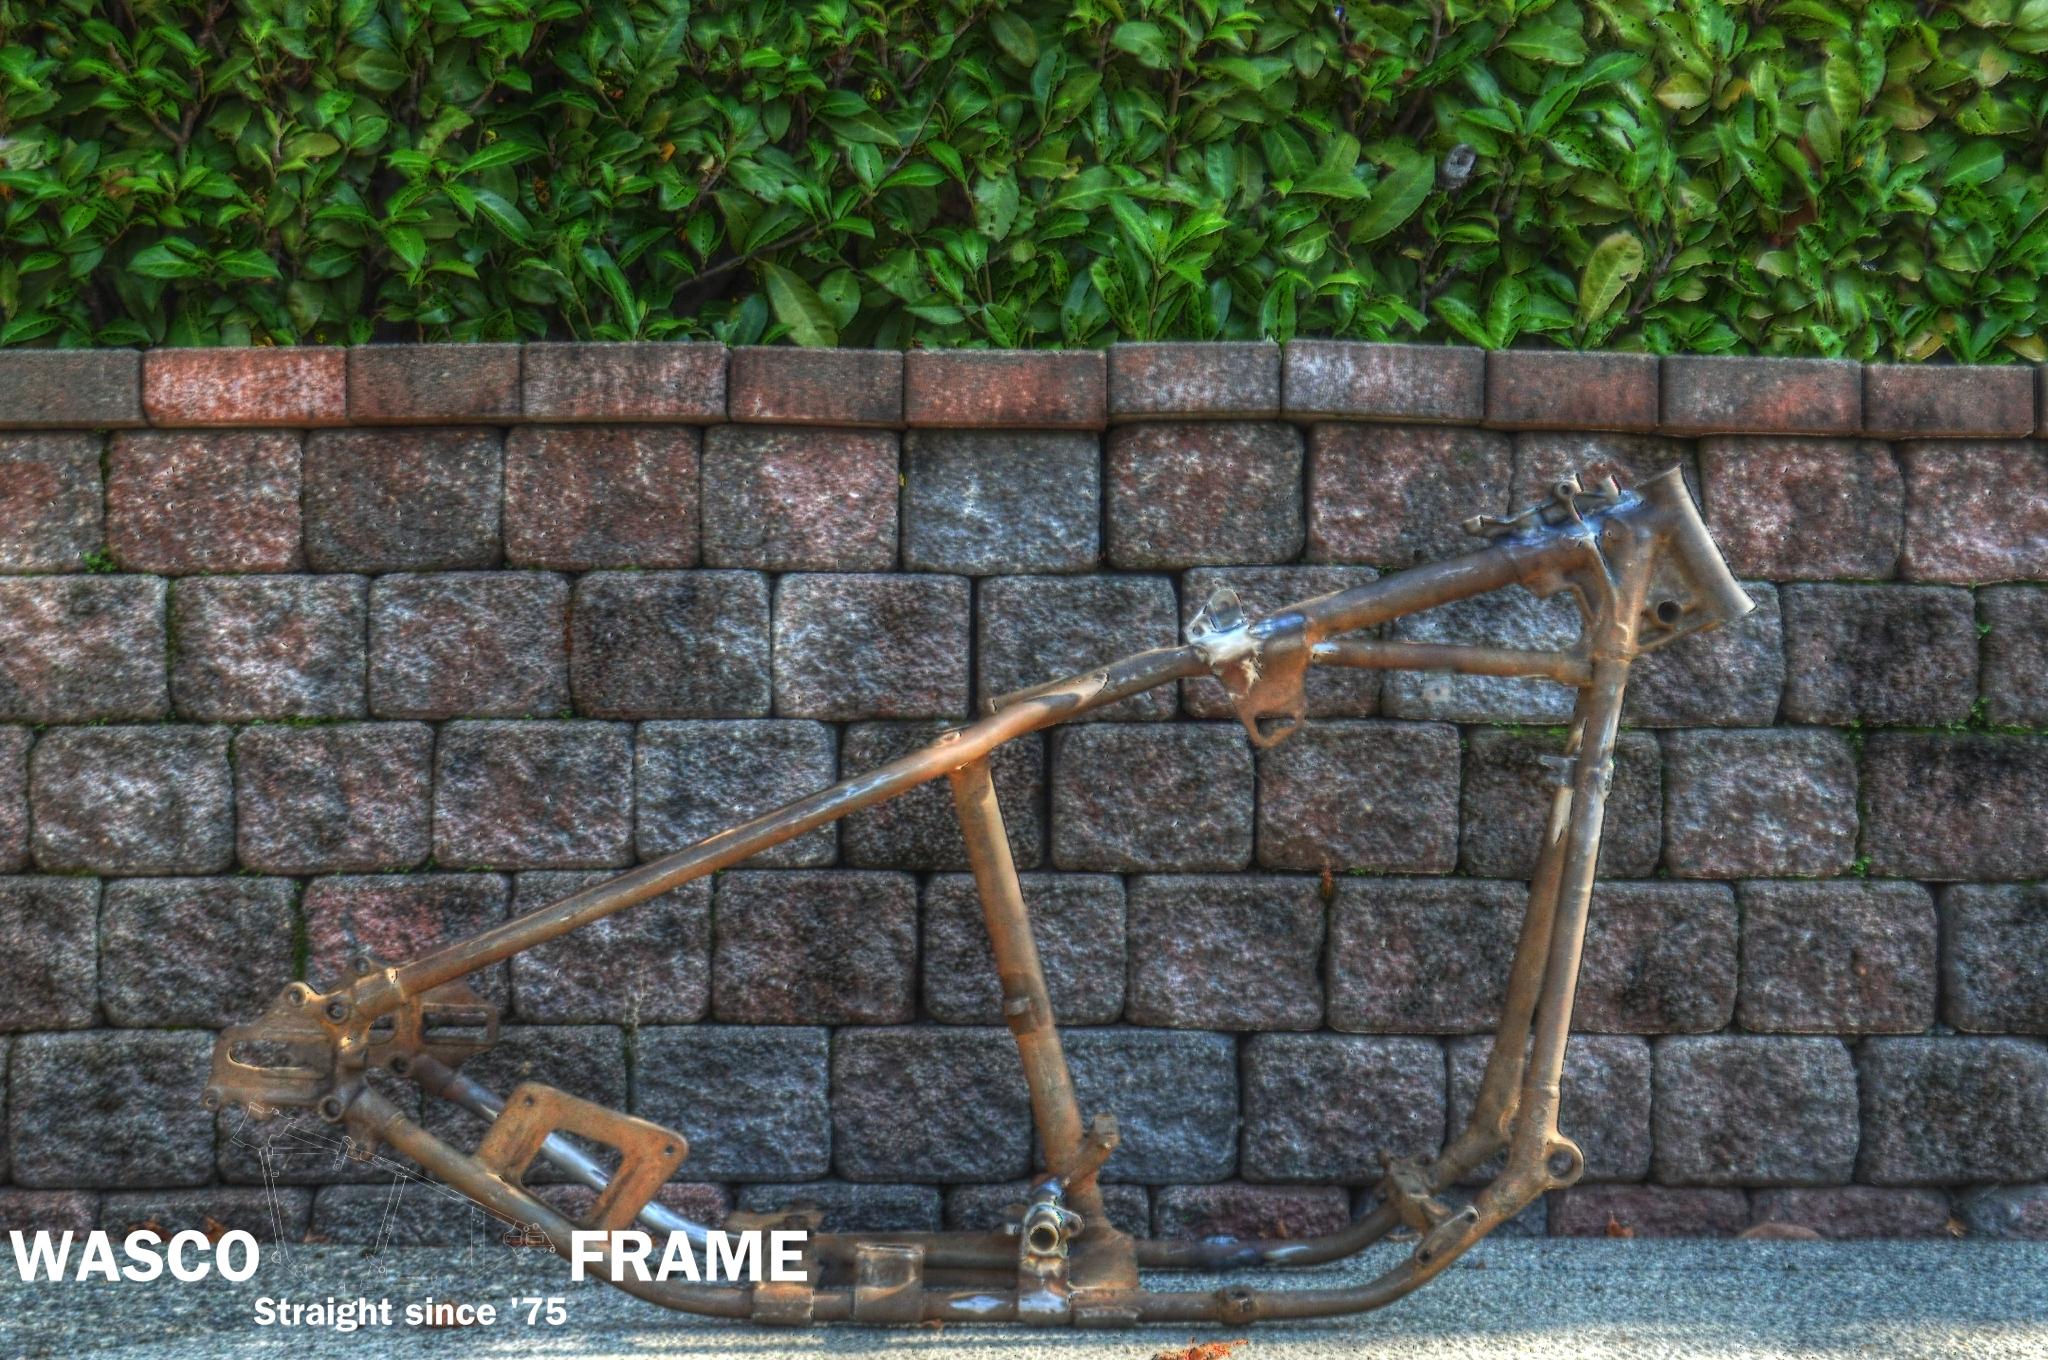 frame-hdr.jpg